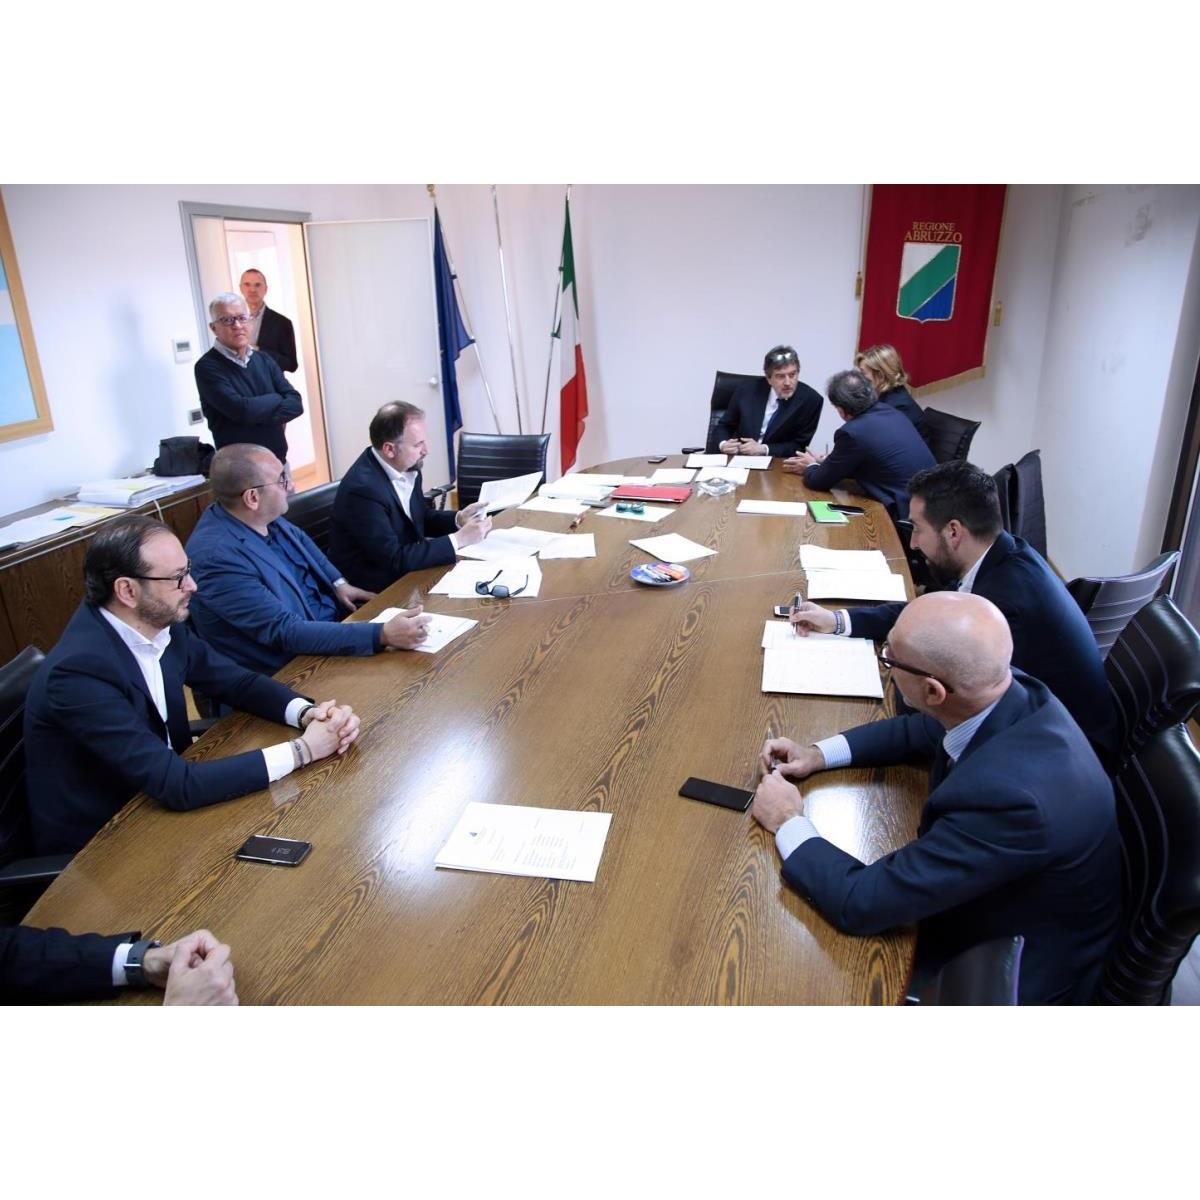 Regione Abruzzo riunita la Giunta 14 luglio 2020 foto